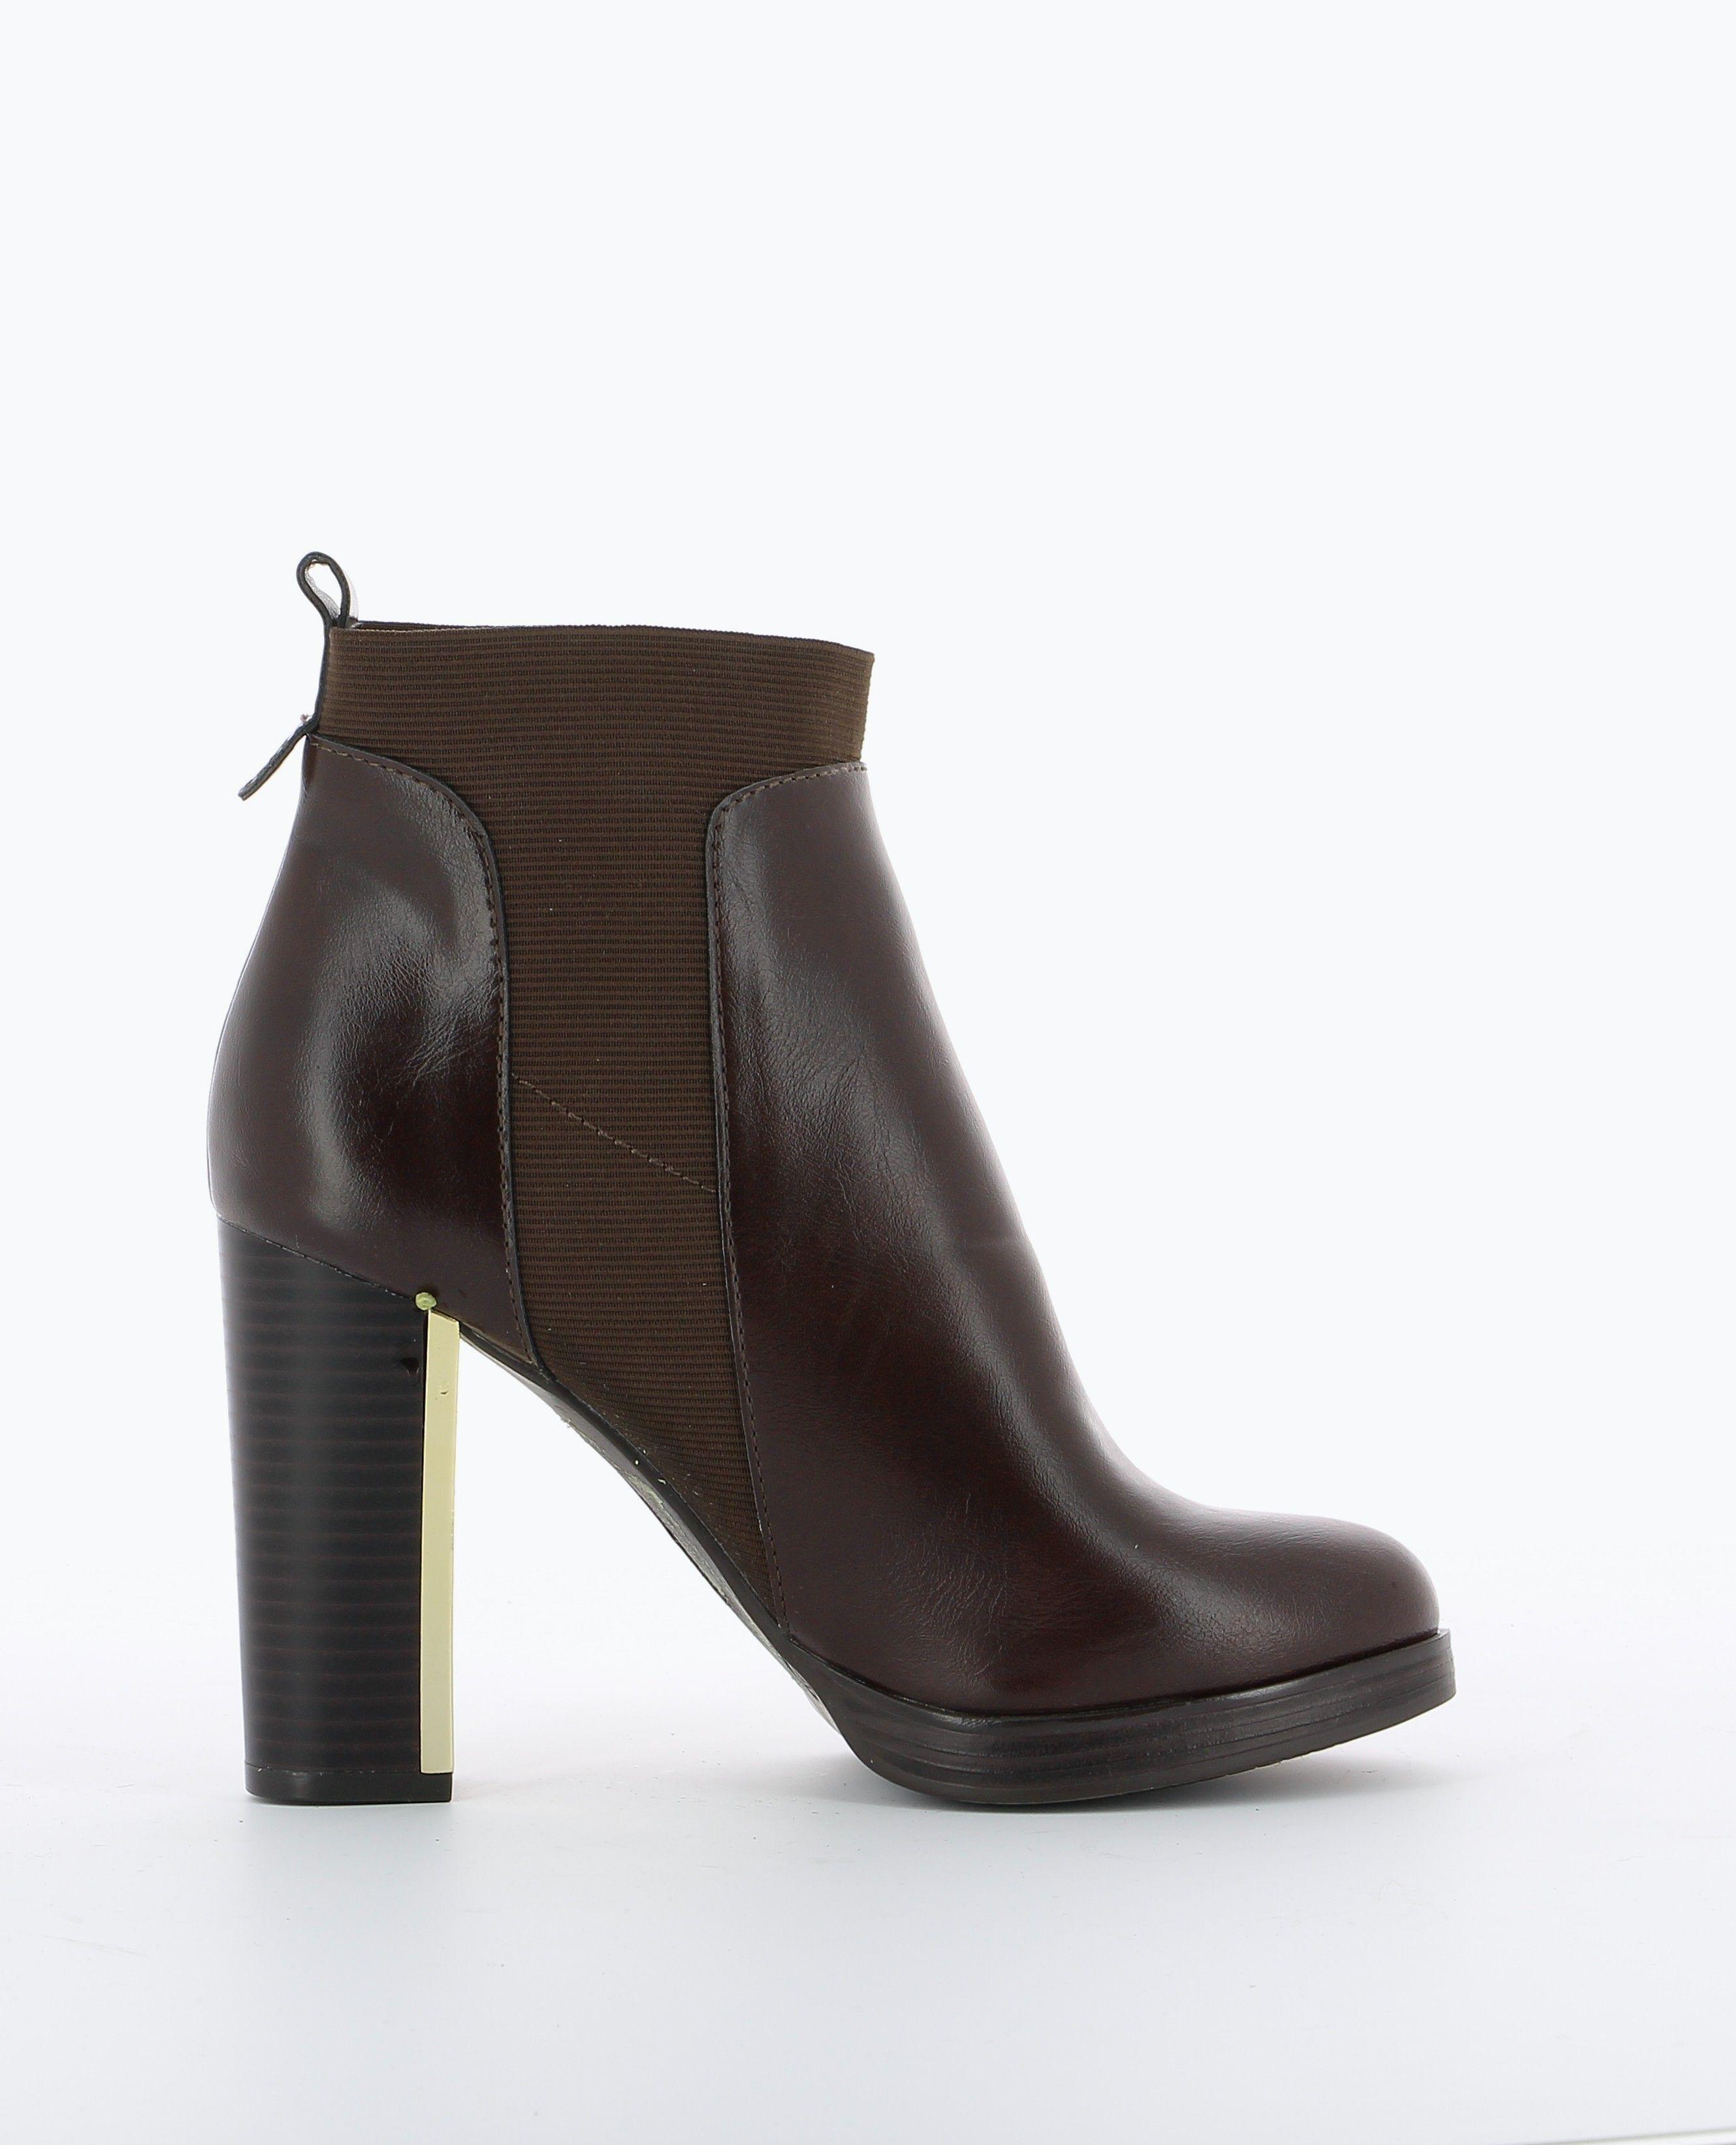 Boutique Texto Chaussures - vente en ligne de chaussures et accessoires  Texto - Livraison OFFERTE dès & Retour GRATUIT